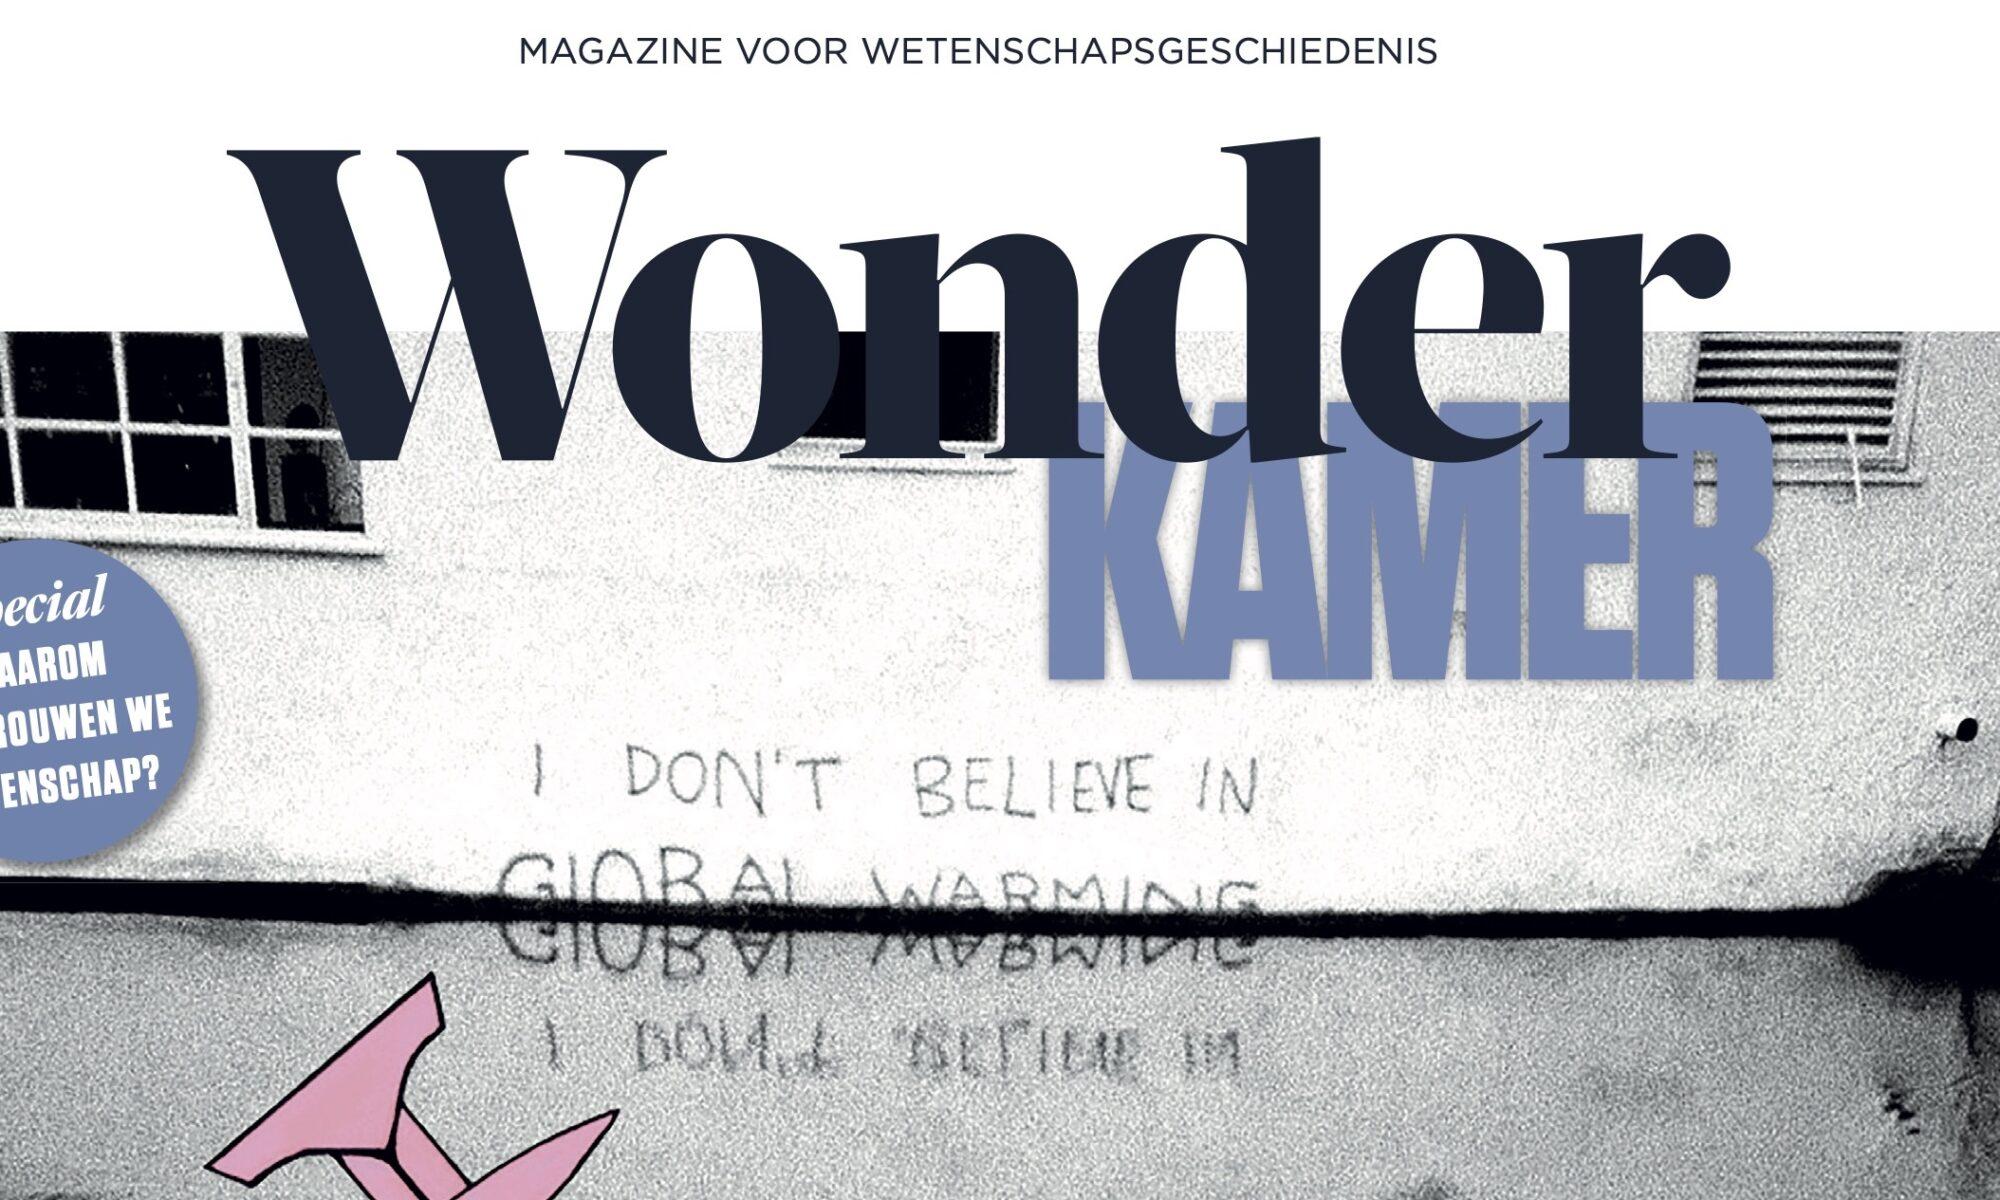 Wonderkamer